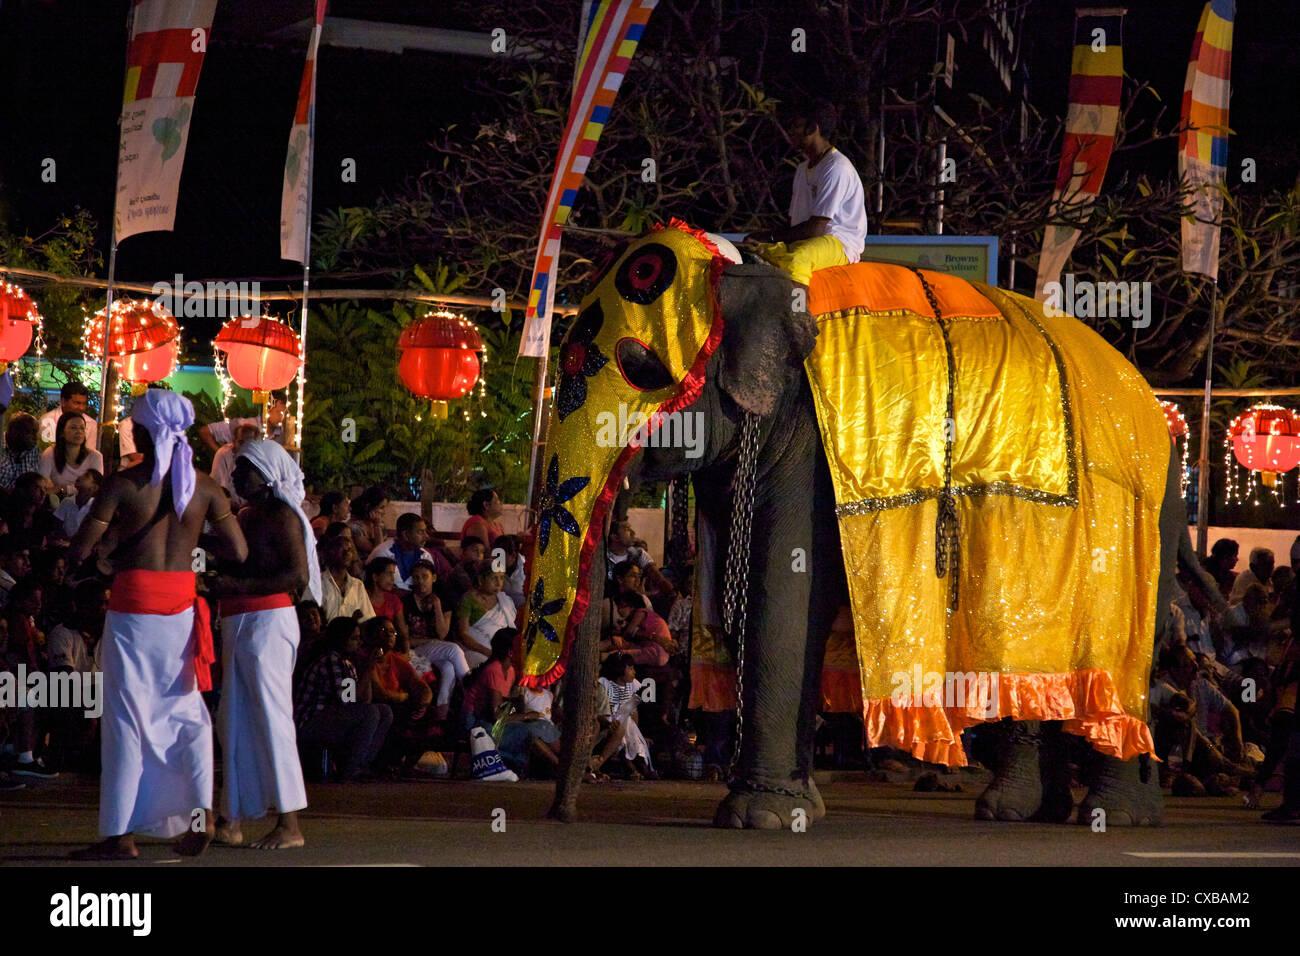 Ceremonial elephant in the Navam Maha Perahera, Colombo, Sri Lanka, Asia - Stock Image